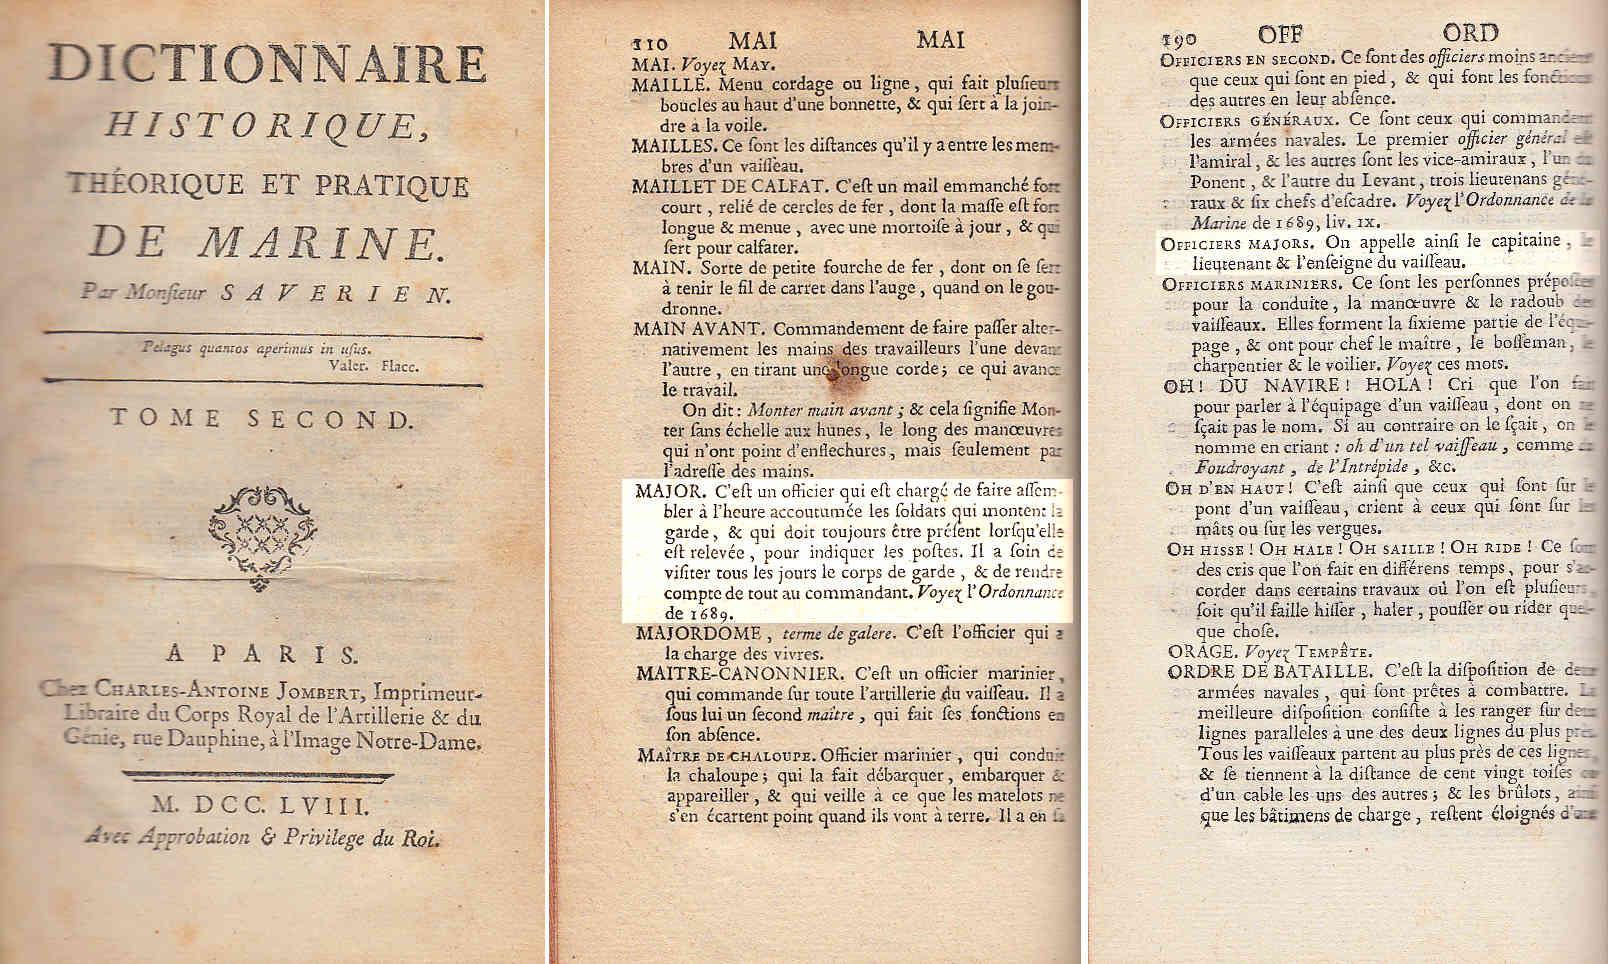 """""""Officiers-majors"""" sous Louis XVI : les officiers de l'état-major du navire Xxxx10"""